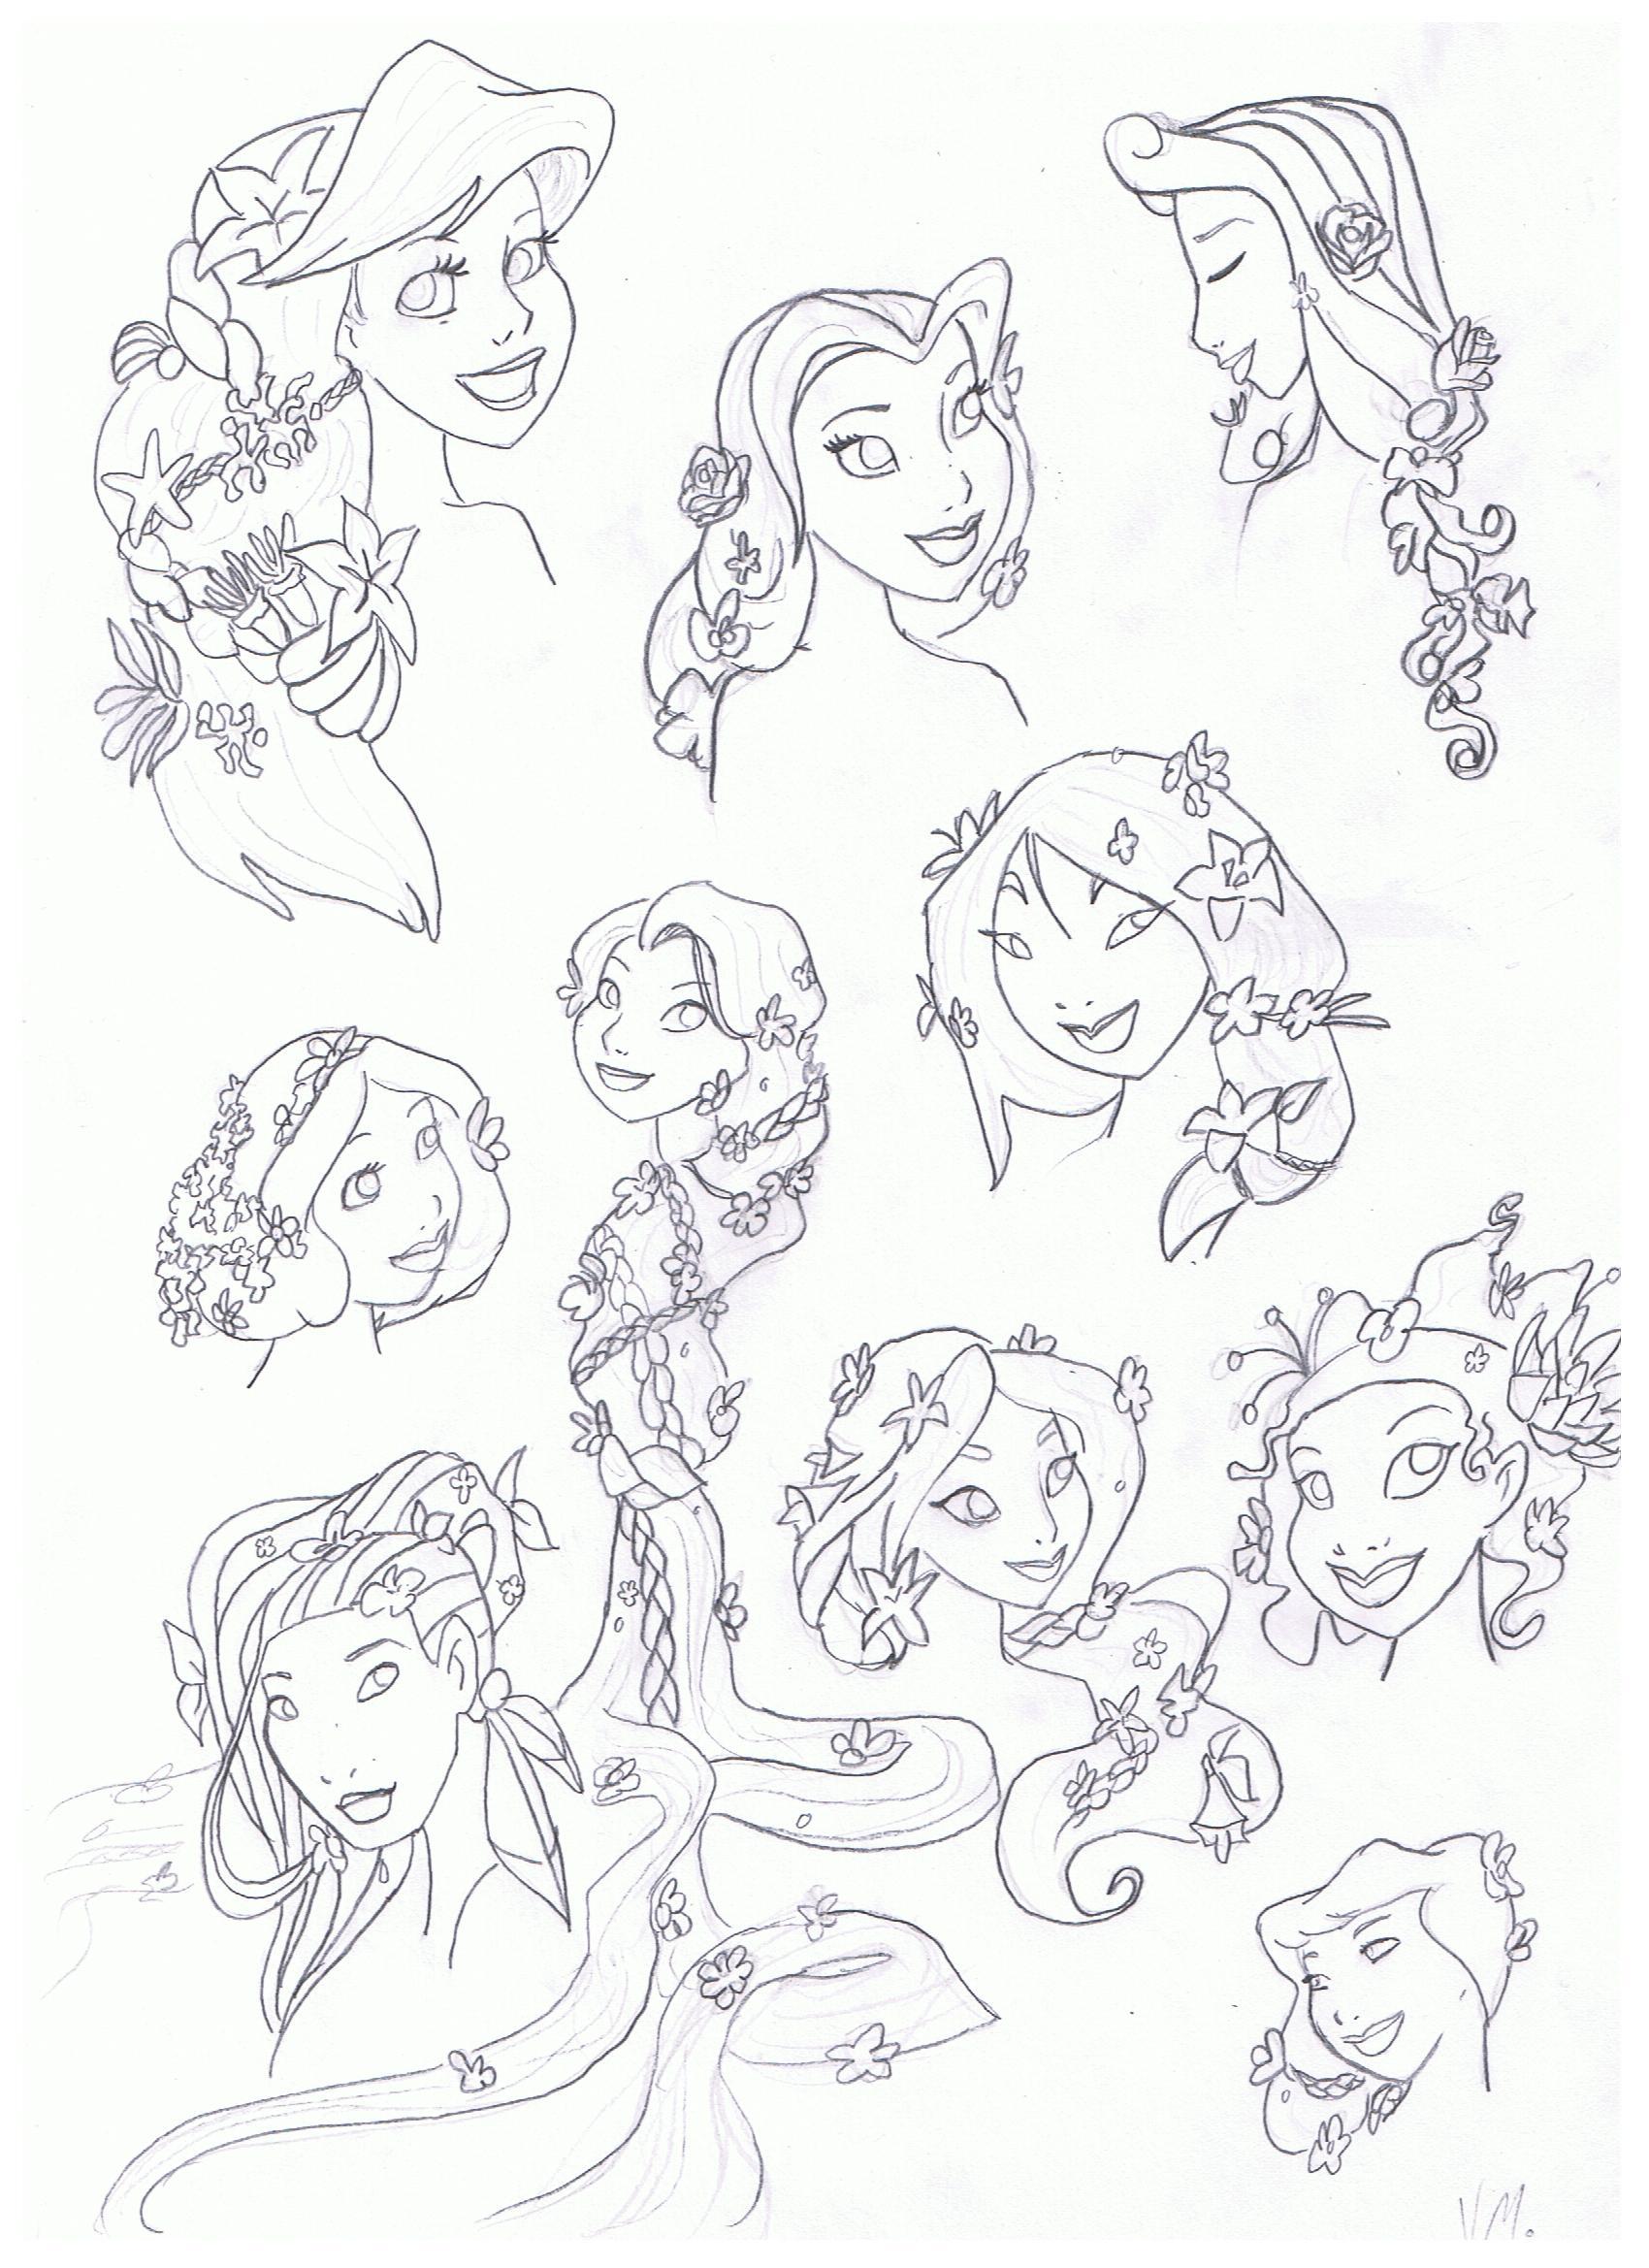 迪士尼公主 images 花 hairstyle hd wallpaper and background photo